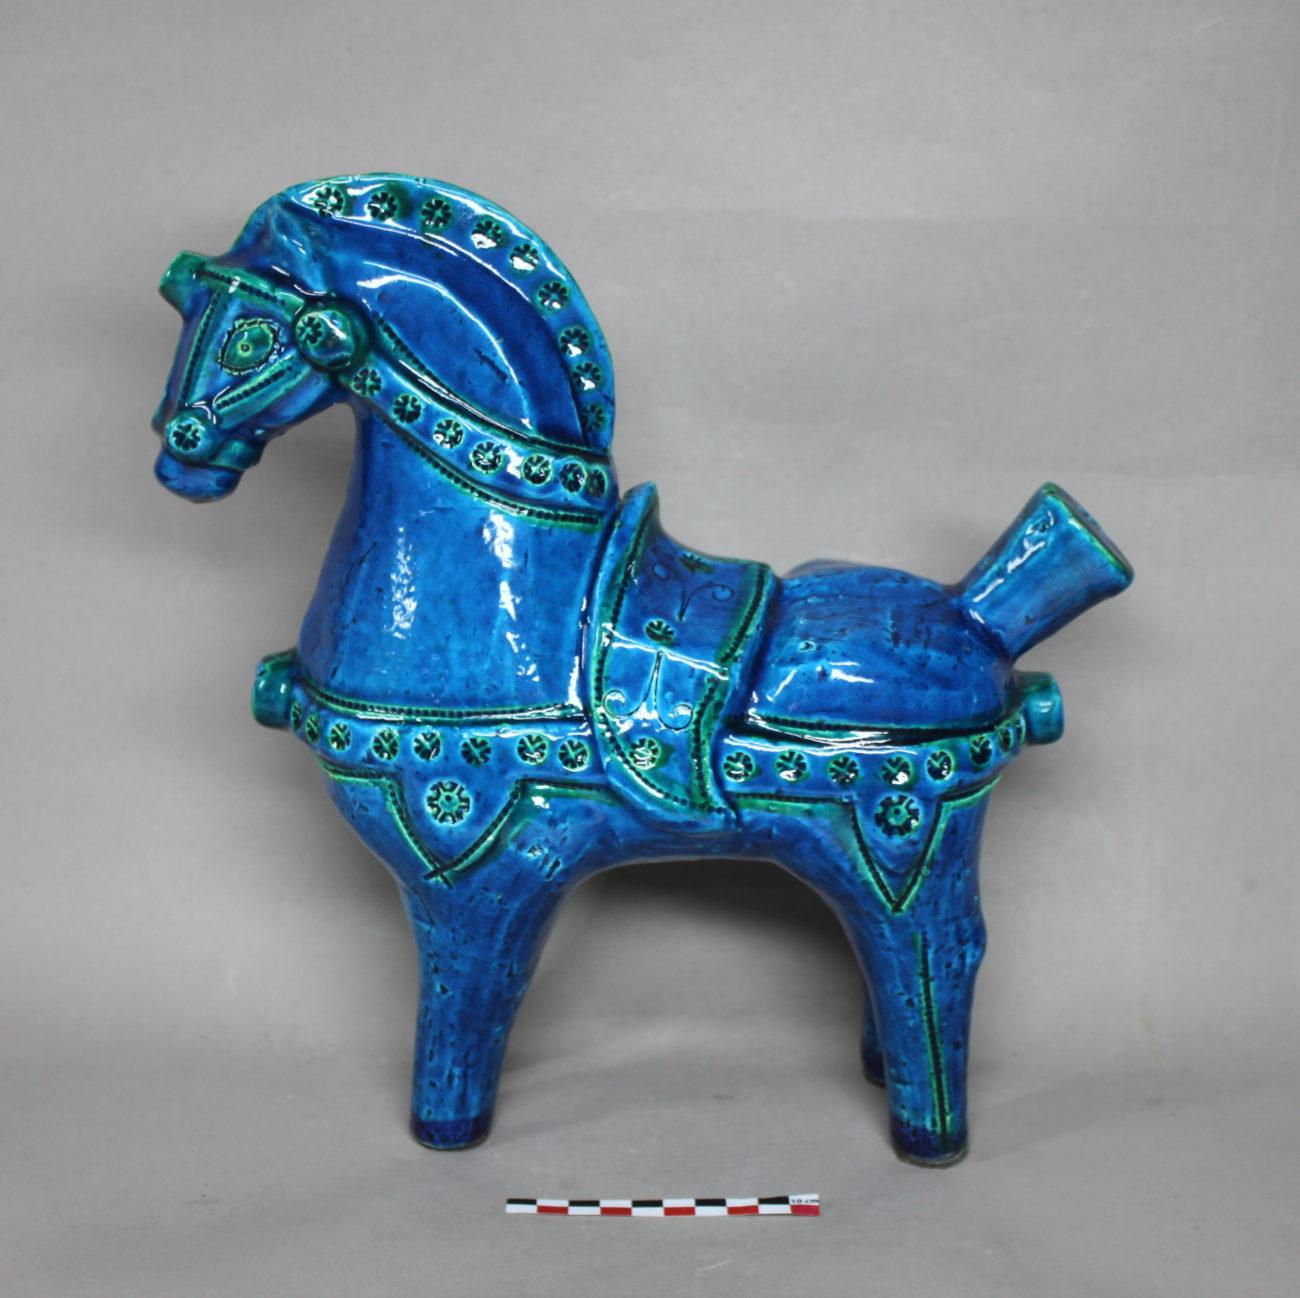 Restauration d'un cheval en faïence d'Aldo Londi, , série Rimini bleu